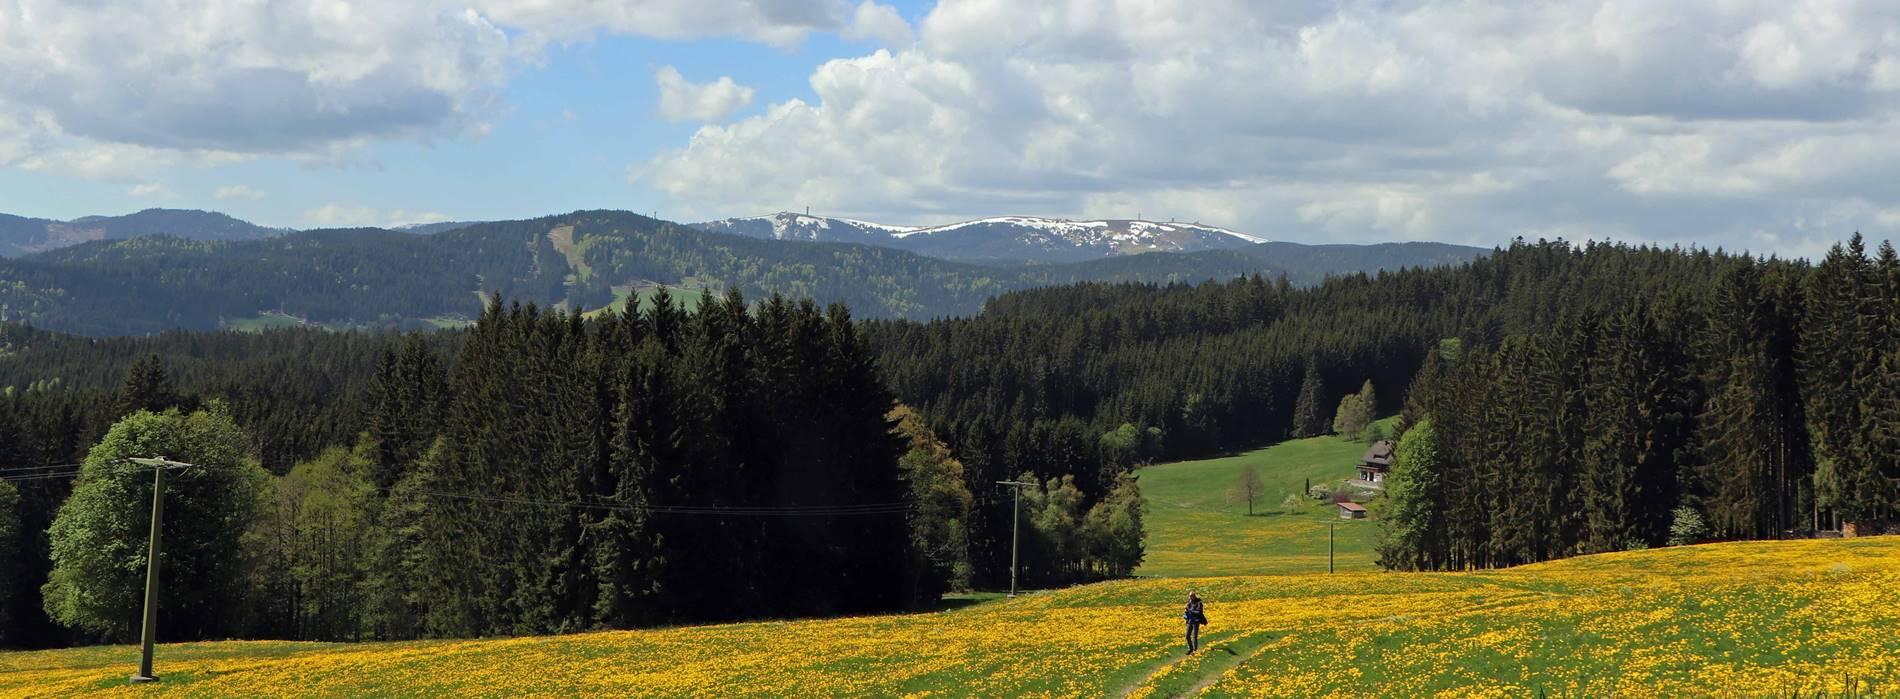 Ausflugsziel Feldberg Breitnau